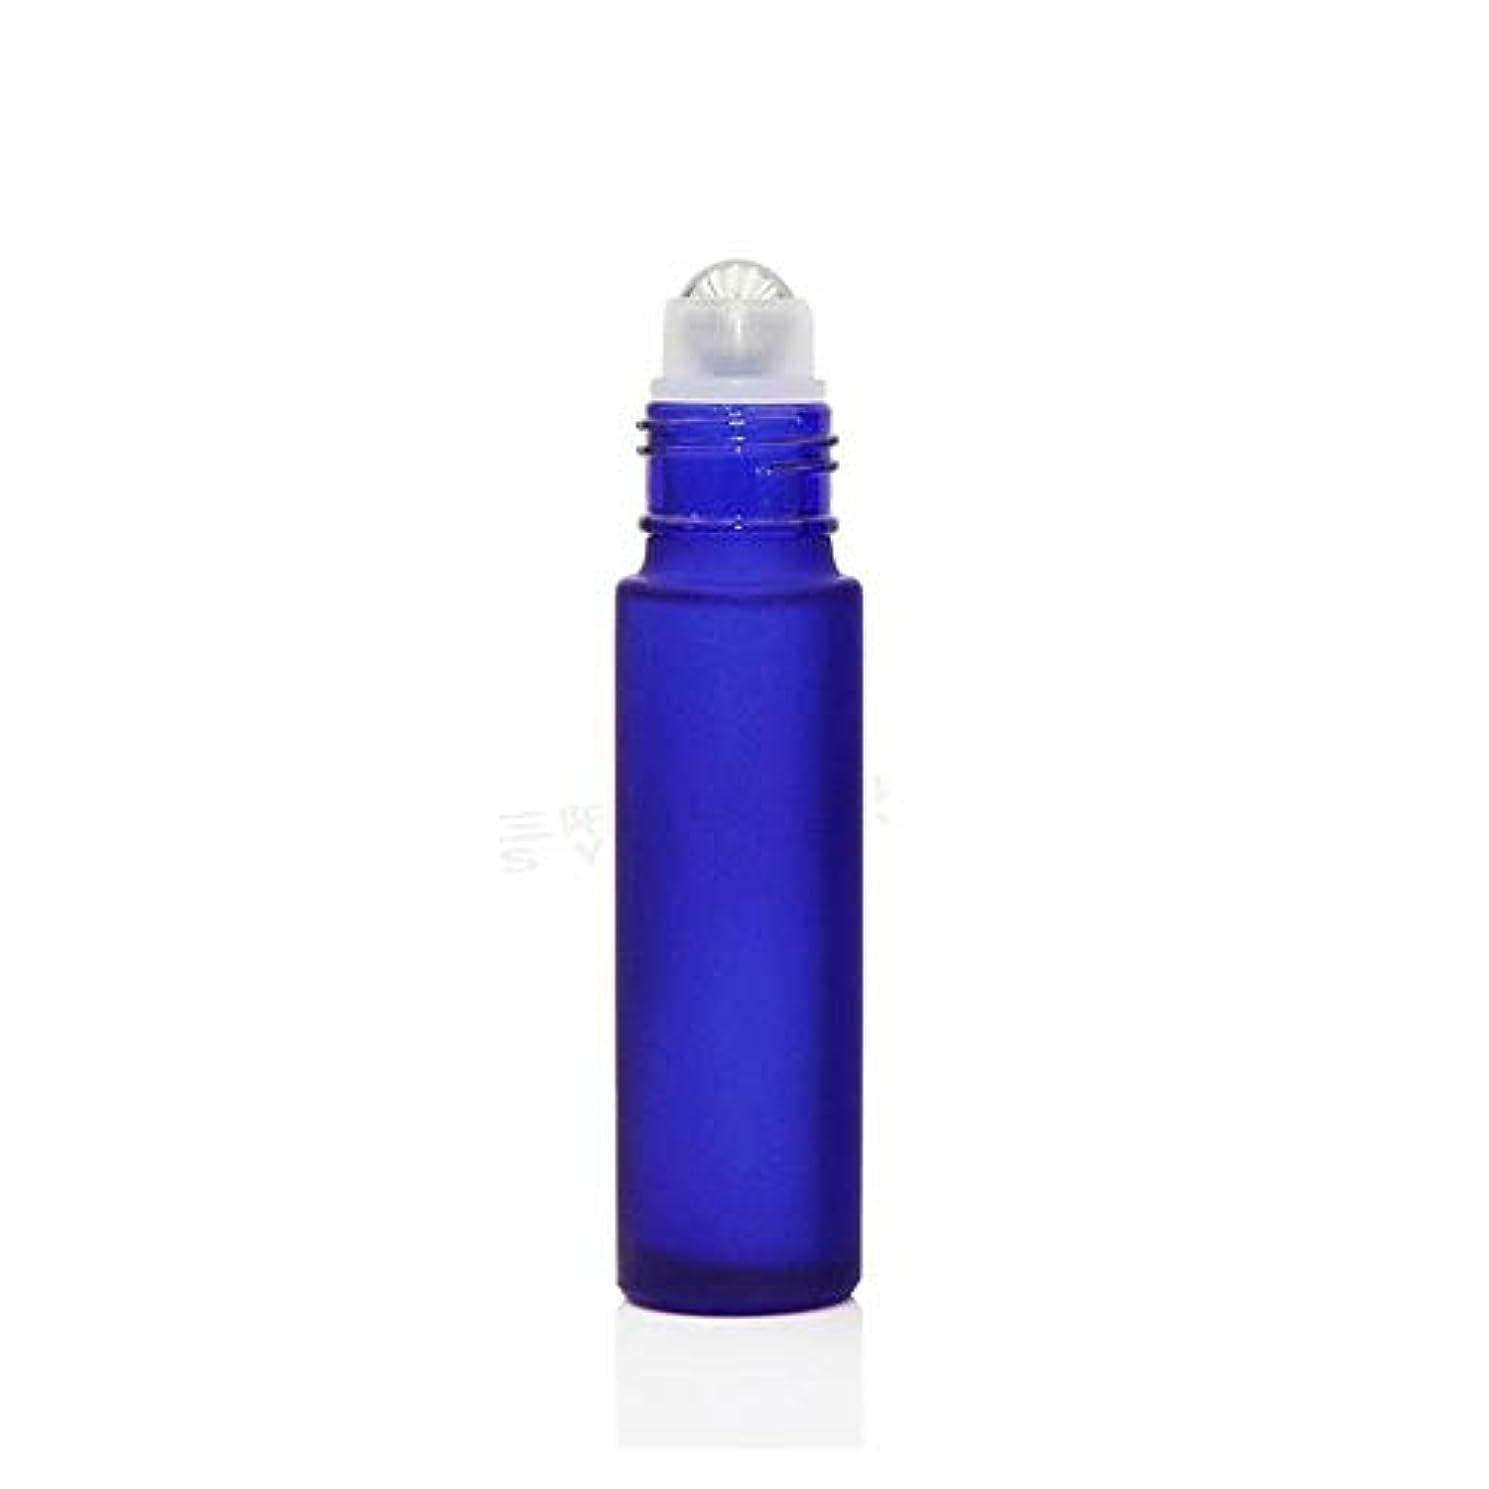 タック振る起きてgundoop ロールオンボトル アロマオイル 精油 小分け用 遮光瓶 10ml 10本セット ガラスロールタイプ (ブルー)